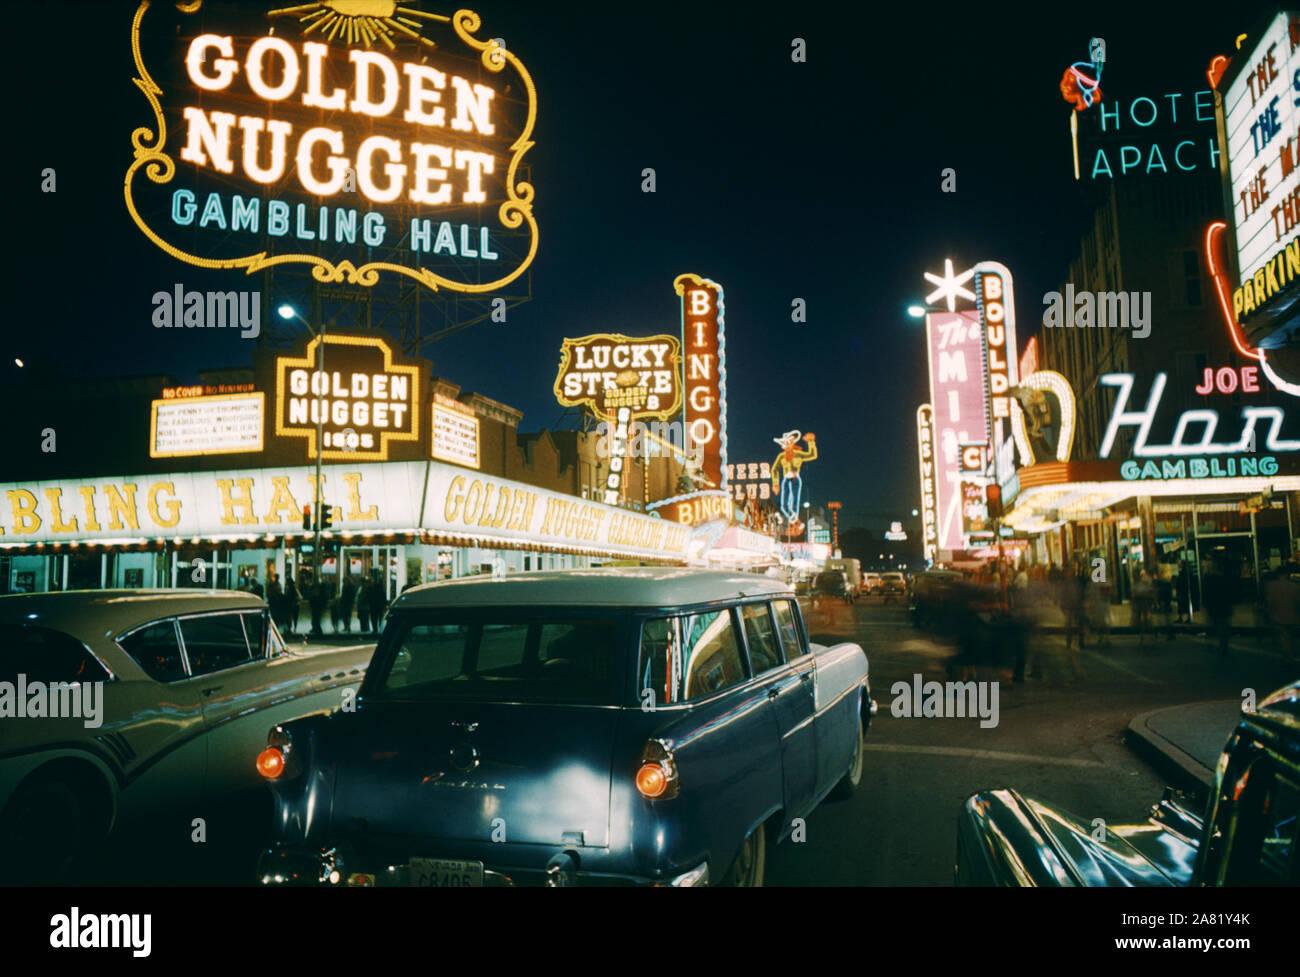 LAS VEGAS, NV - 1958: Vista General del Centro de Las Vegas, desde la calle Fremont mirando el Golden Nugget Gambling Hall, el Mint, Pioneer Club, Lucky Strike, El Club De Las Vegas y el Hotel Apache circa 1958 en Las Vegas, Nevada. (Foto por Hy Peskin) Foto de stock